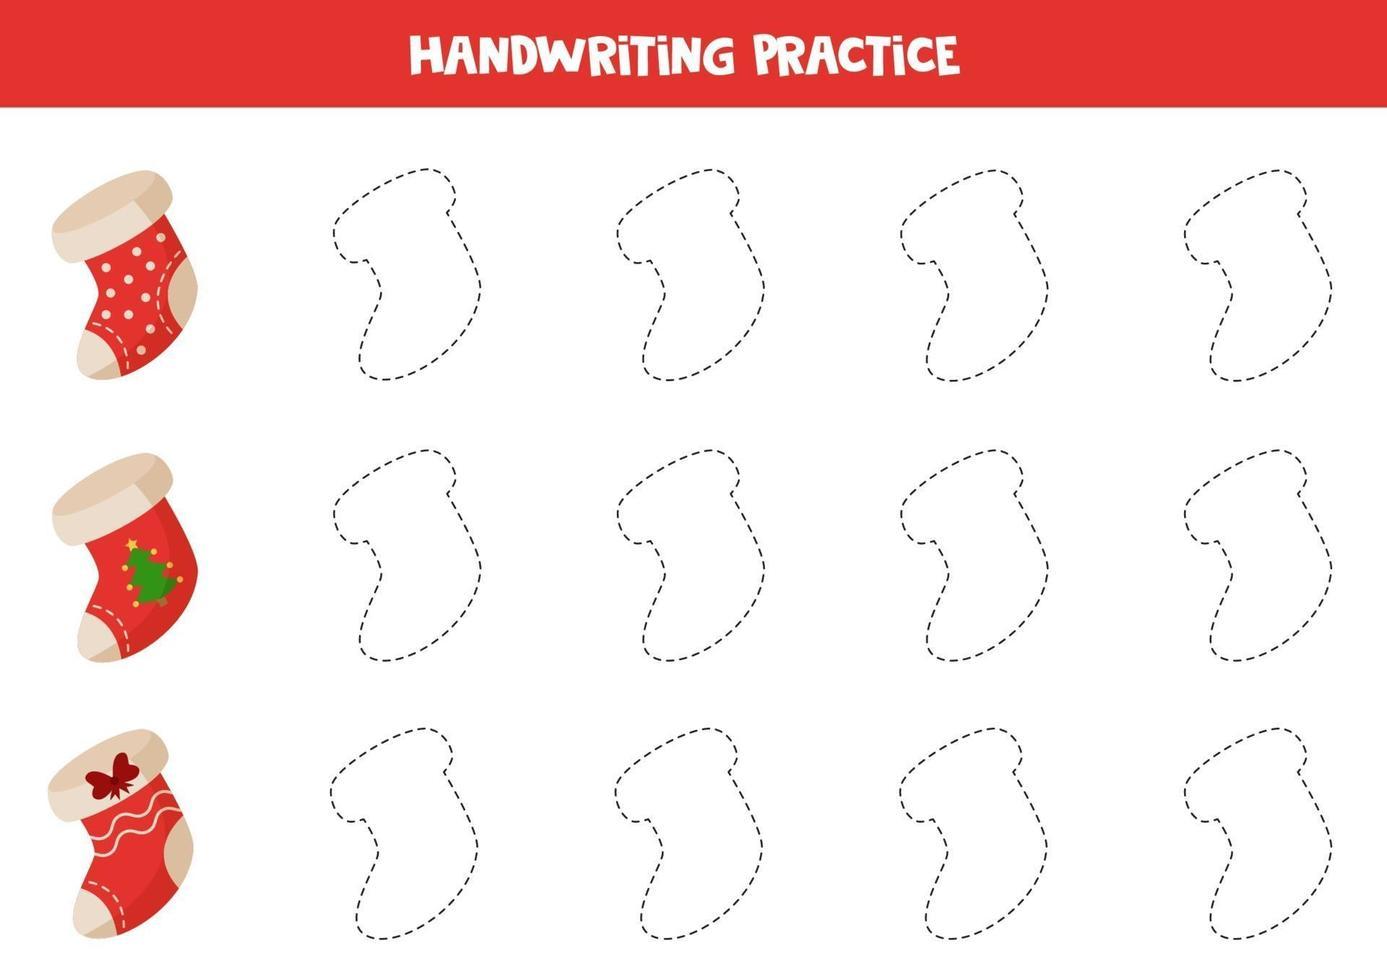 tracciando linee con calzini natalizi dei cartoni animati. pratica di abilità di scrittura. vettore